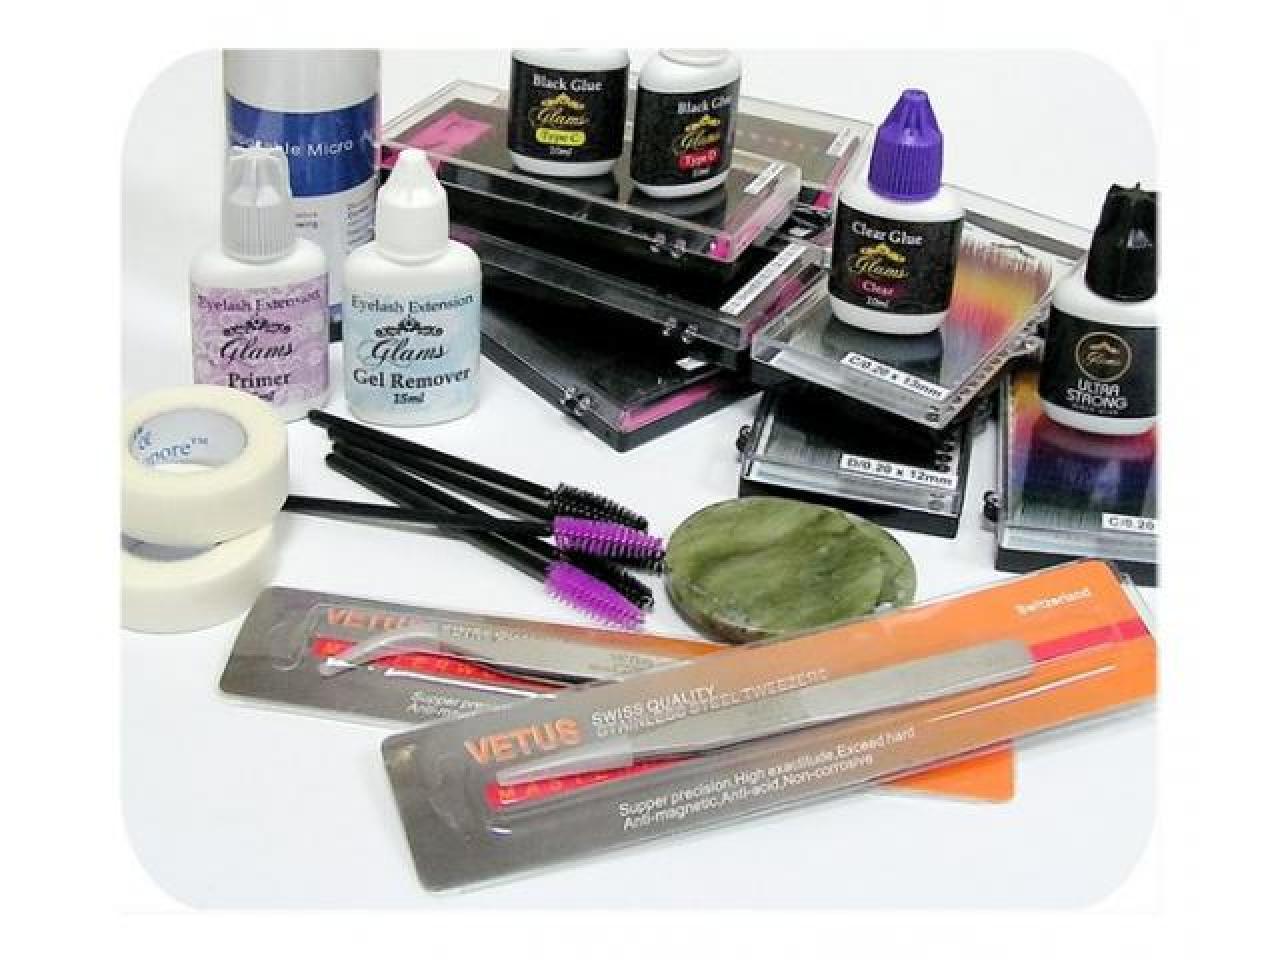 Материалы для наращивания ресниц - 1